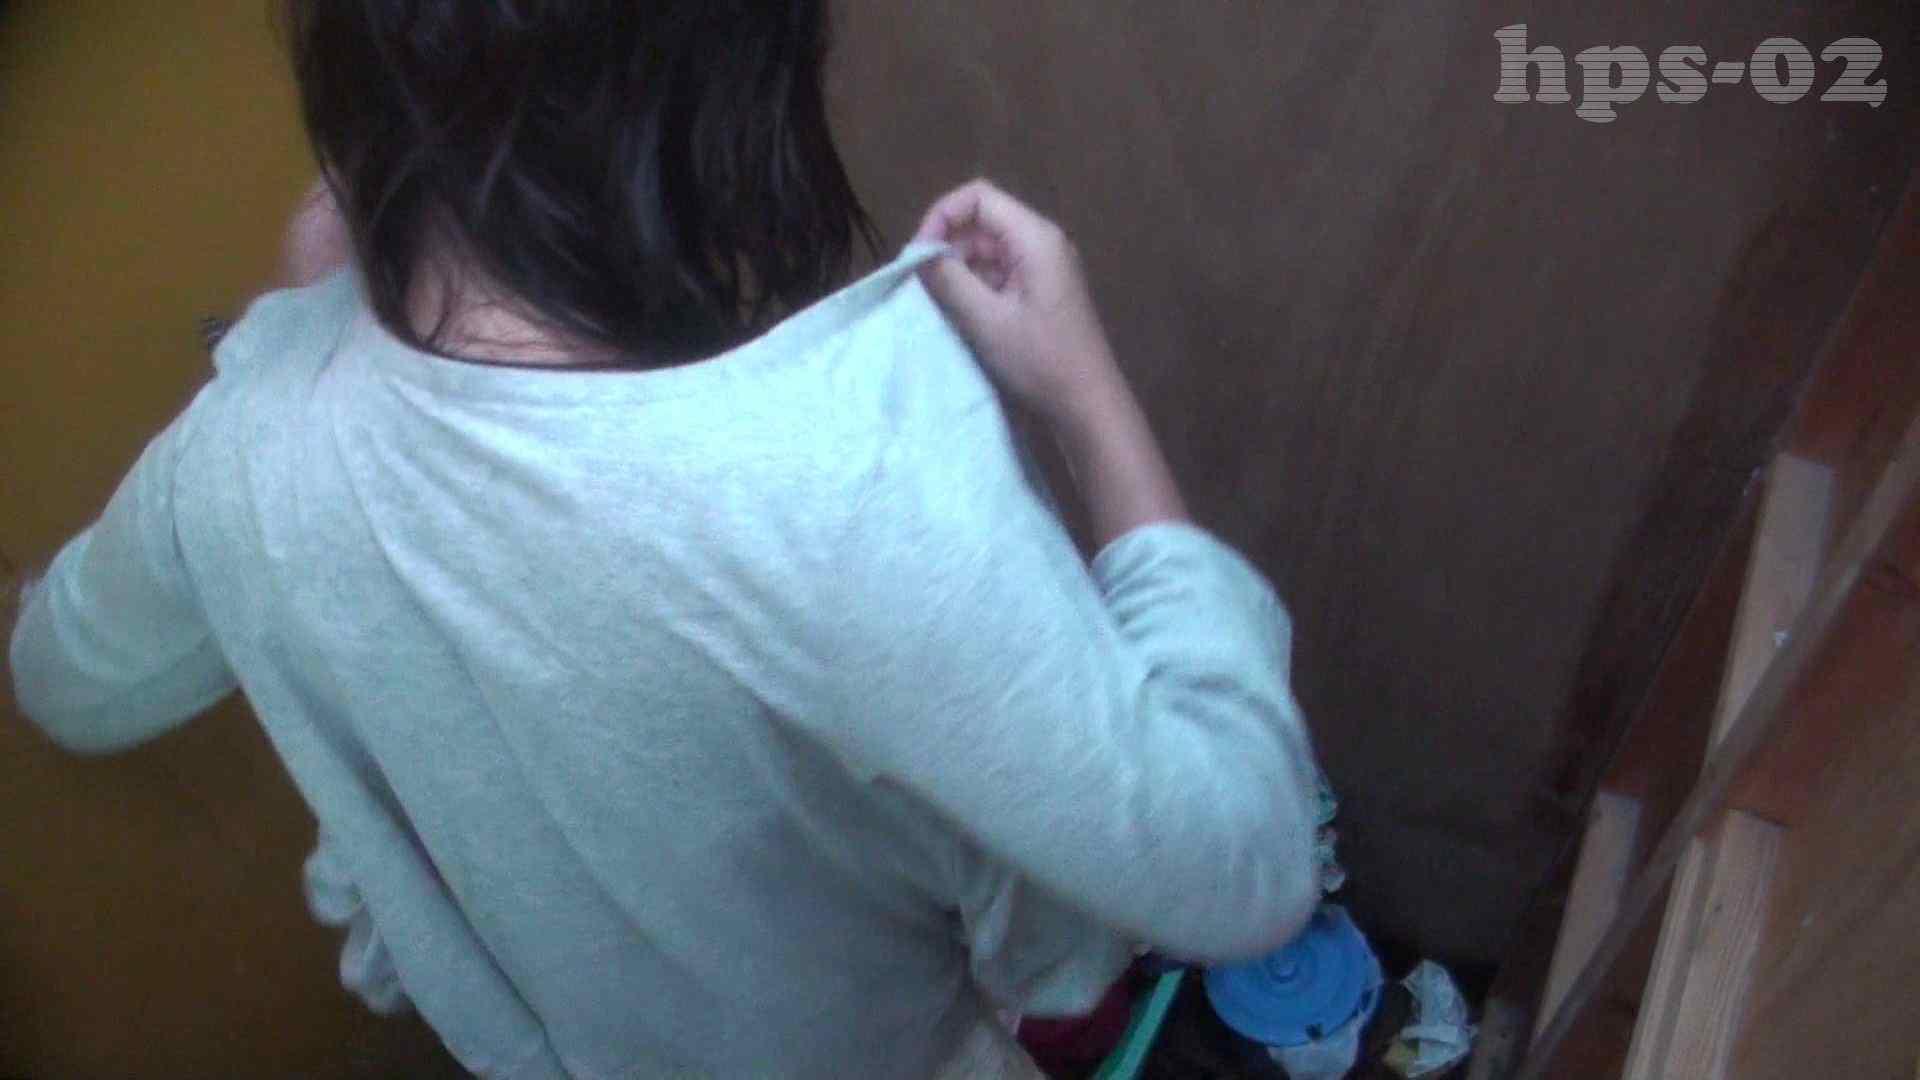 シャワールームは超!!危険な香りVol.2 カメラに目線をやるのですがまったく気が付きません。 美女OL セックス画像 40連発 8